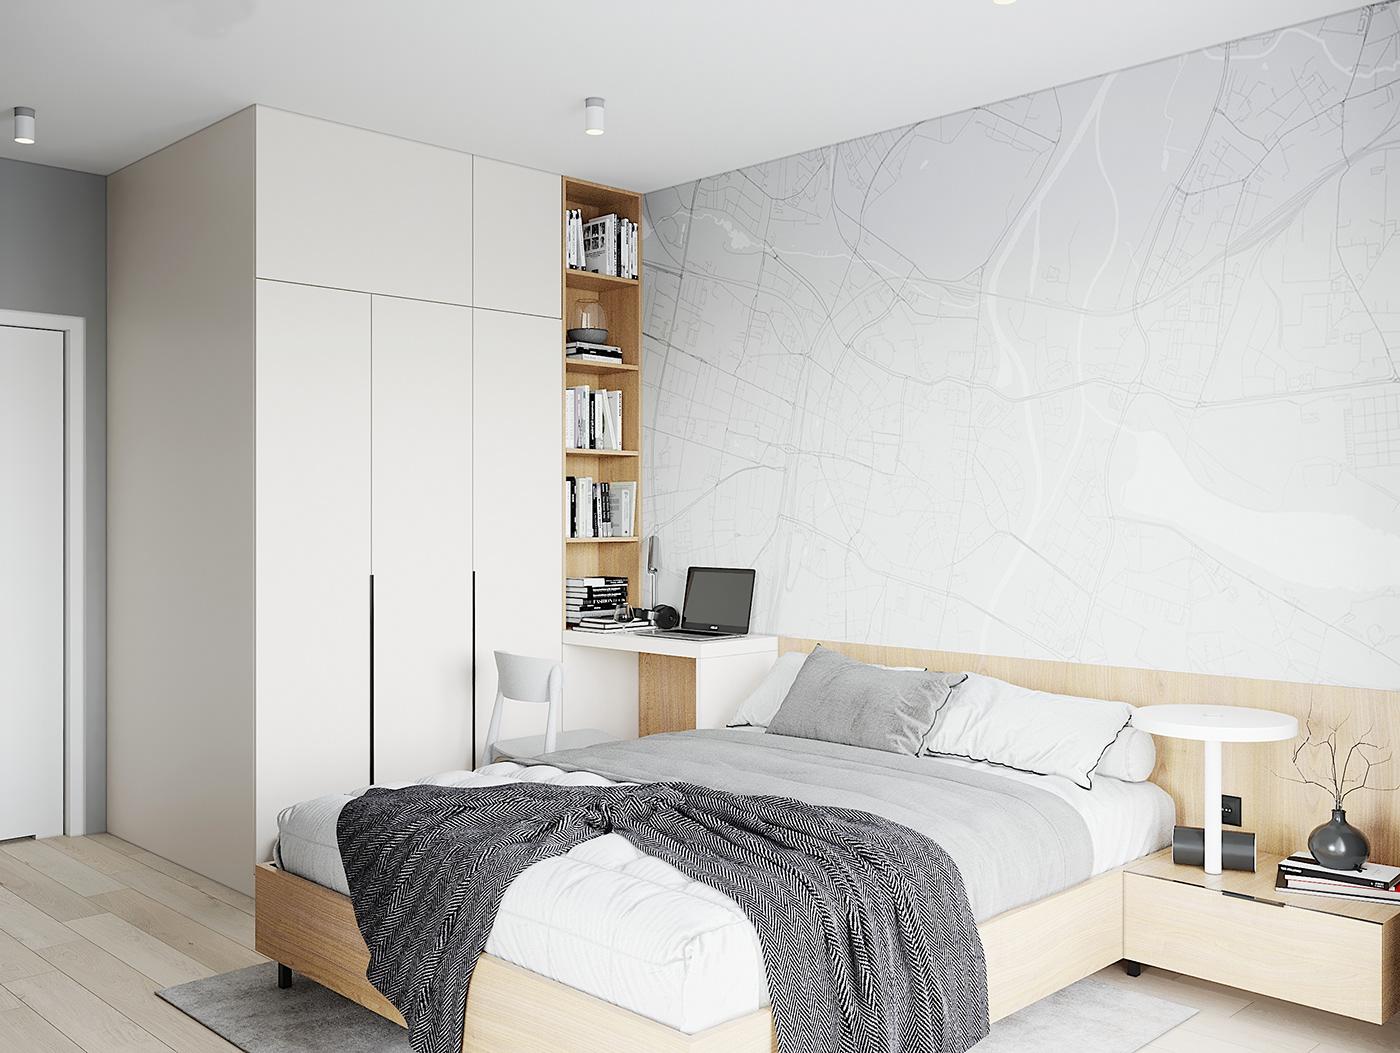 Kiến trúc sư vấn thiết kế căn hộ 67m² 3 phòng ngủ với chi phí 93 triệu đồng - Ảnh 8.